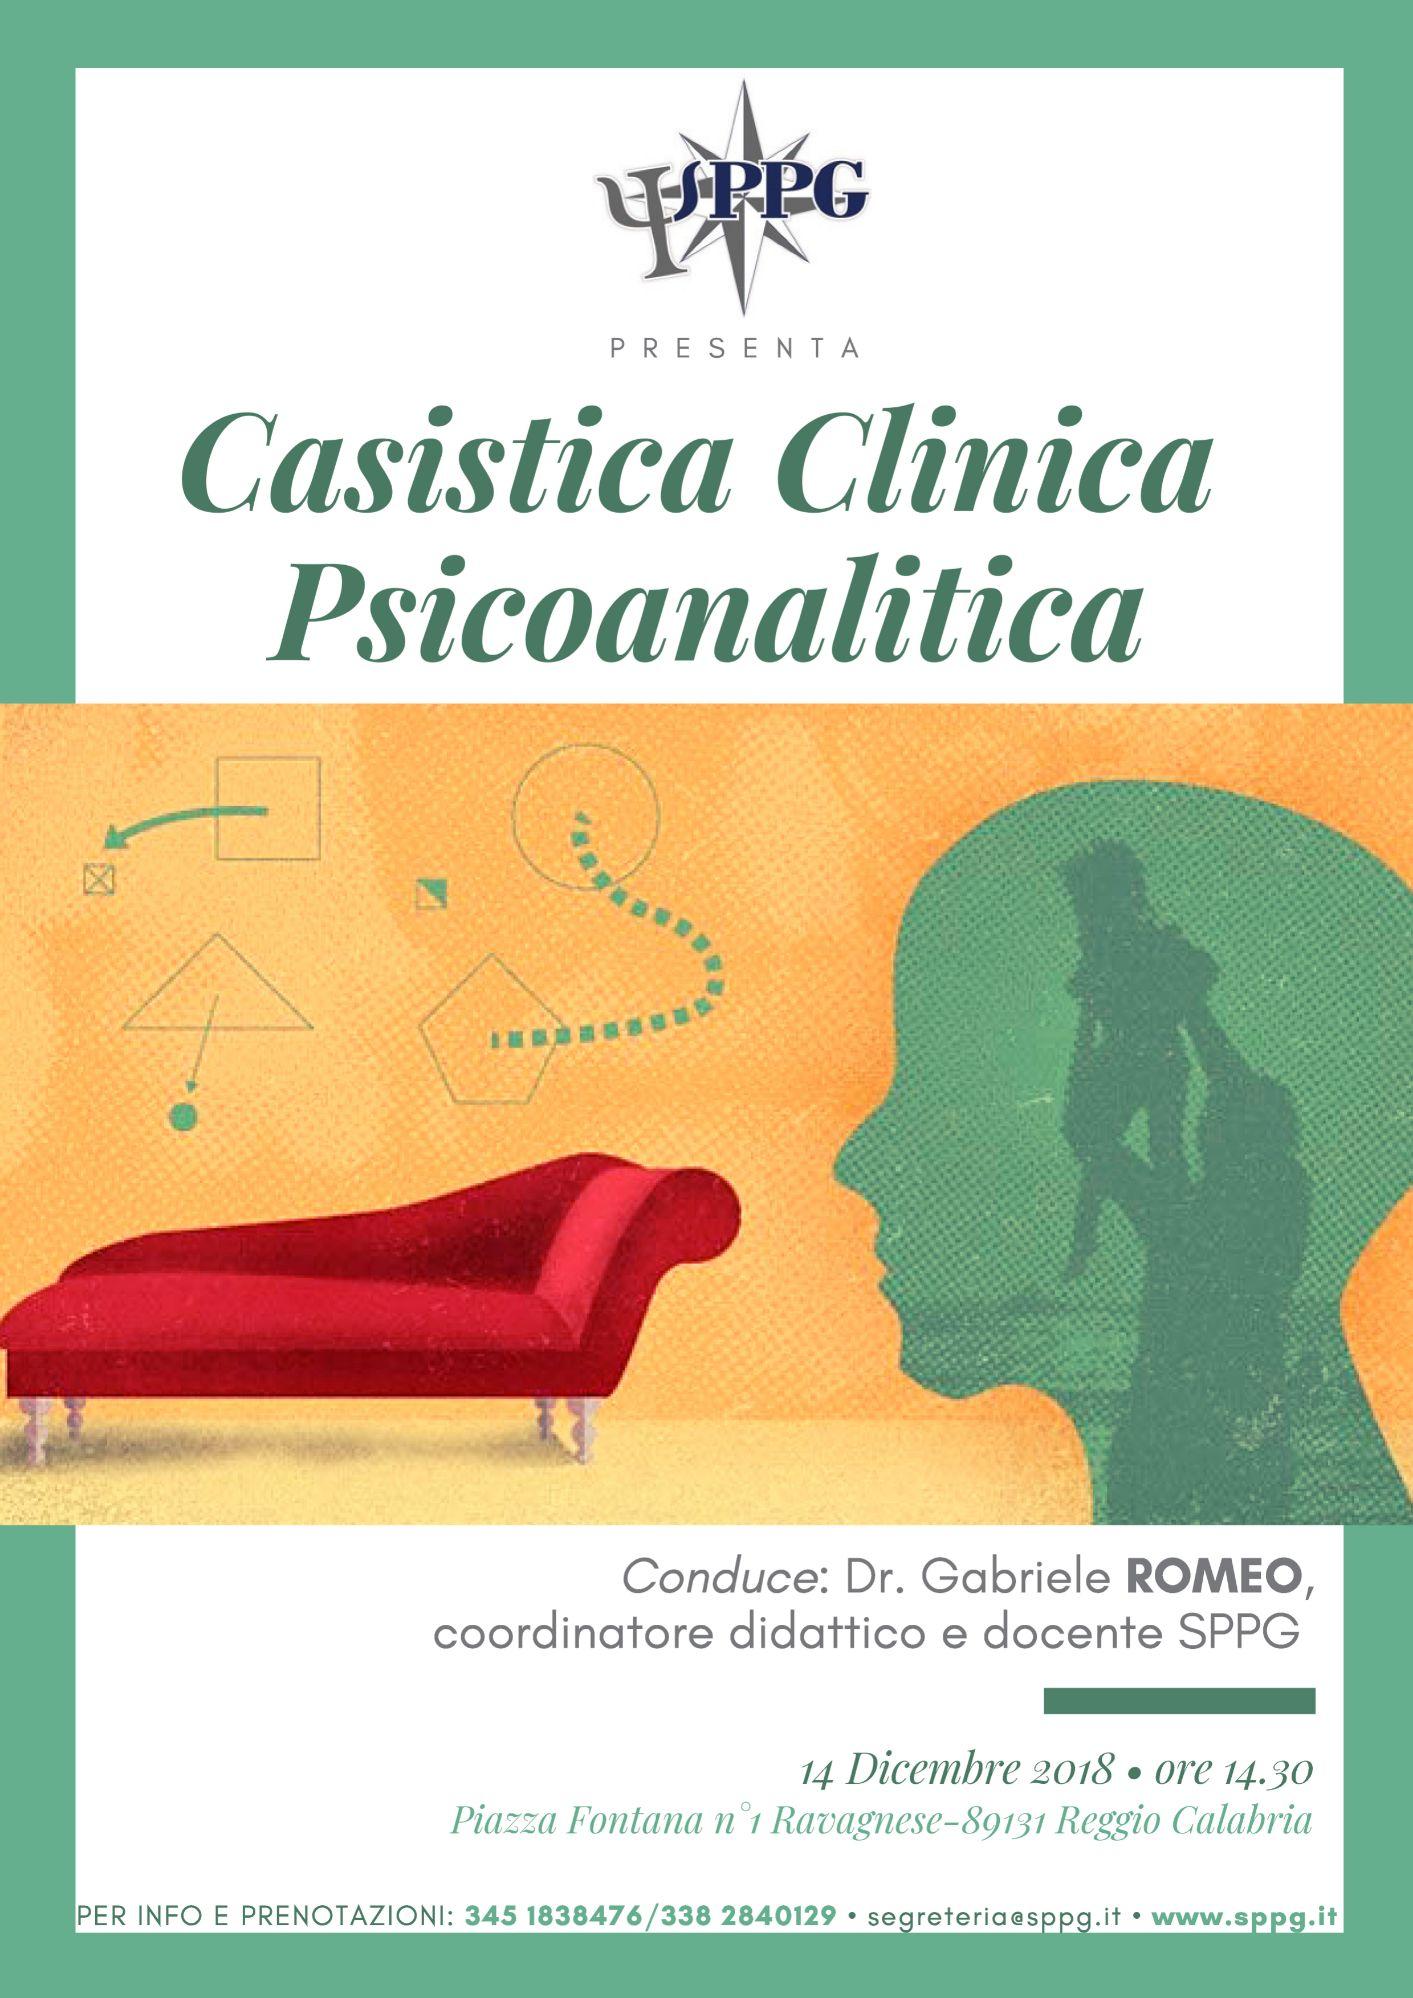 Casistica clinica psicoanalitica